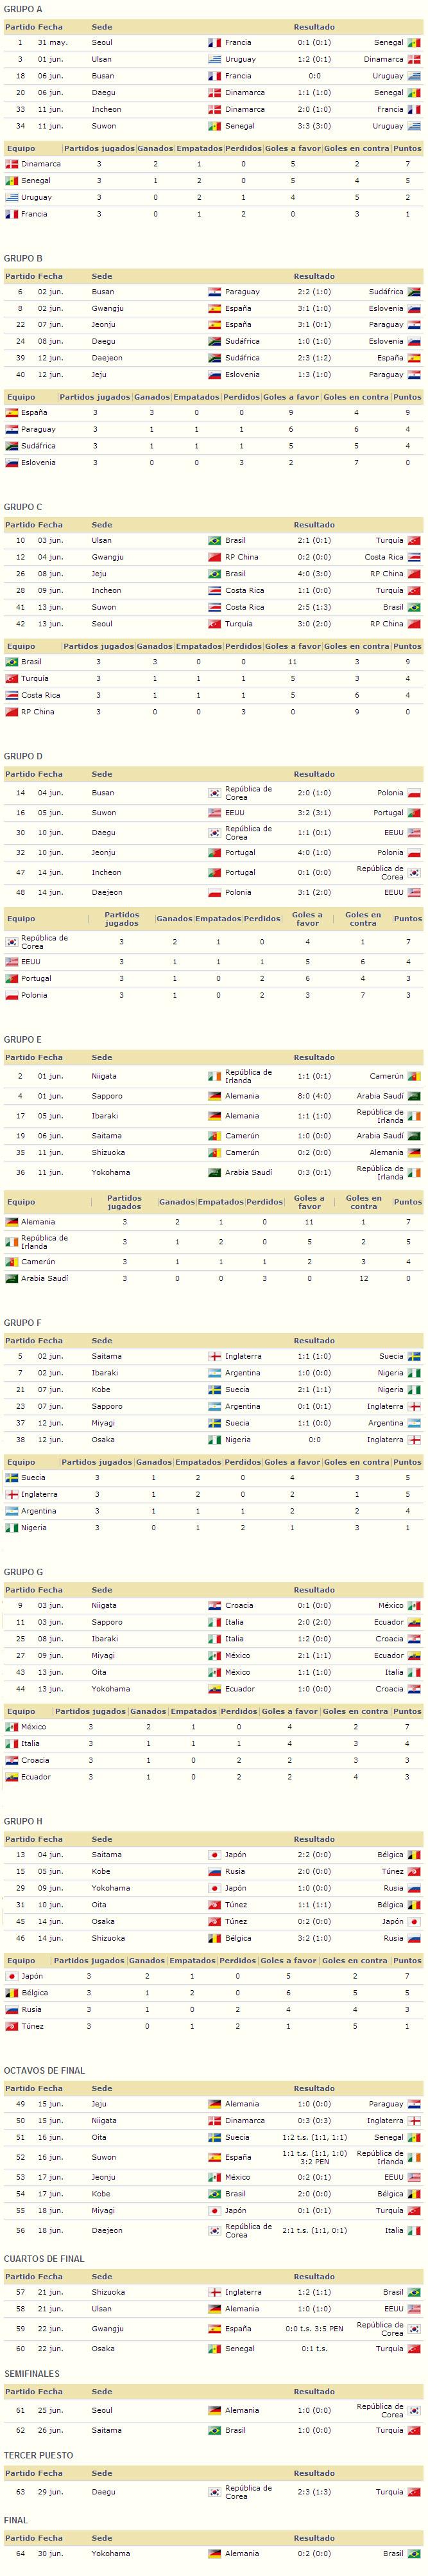 Mundial Corea Japon 2002 resultados